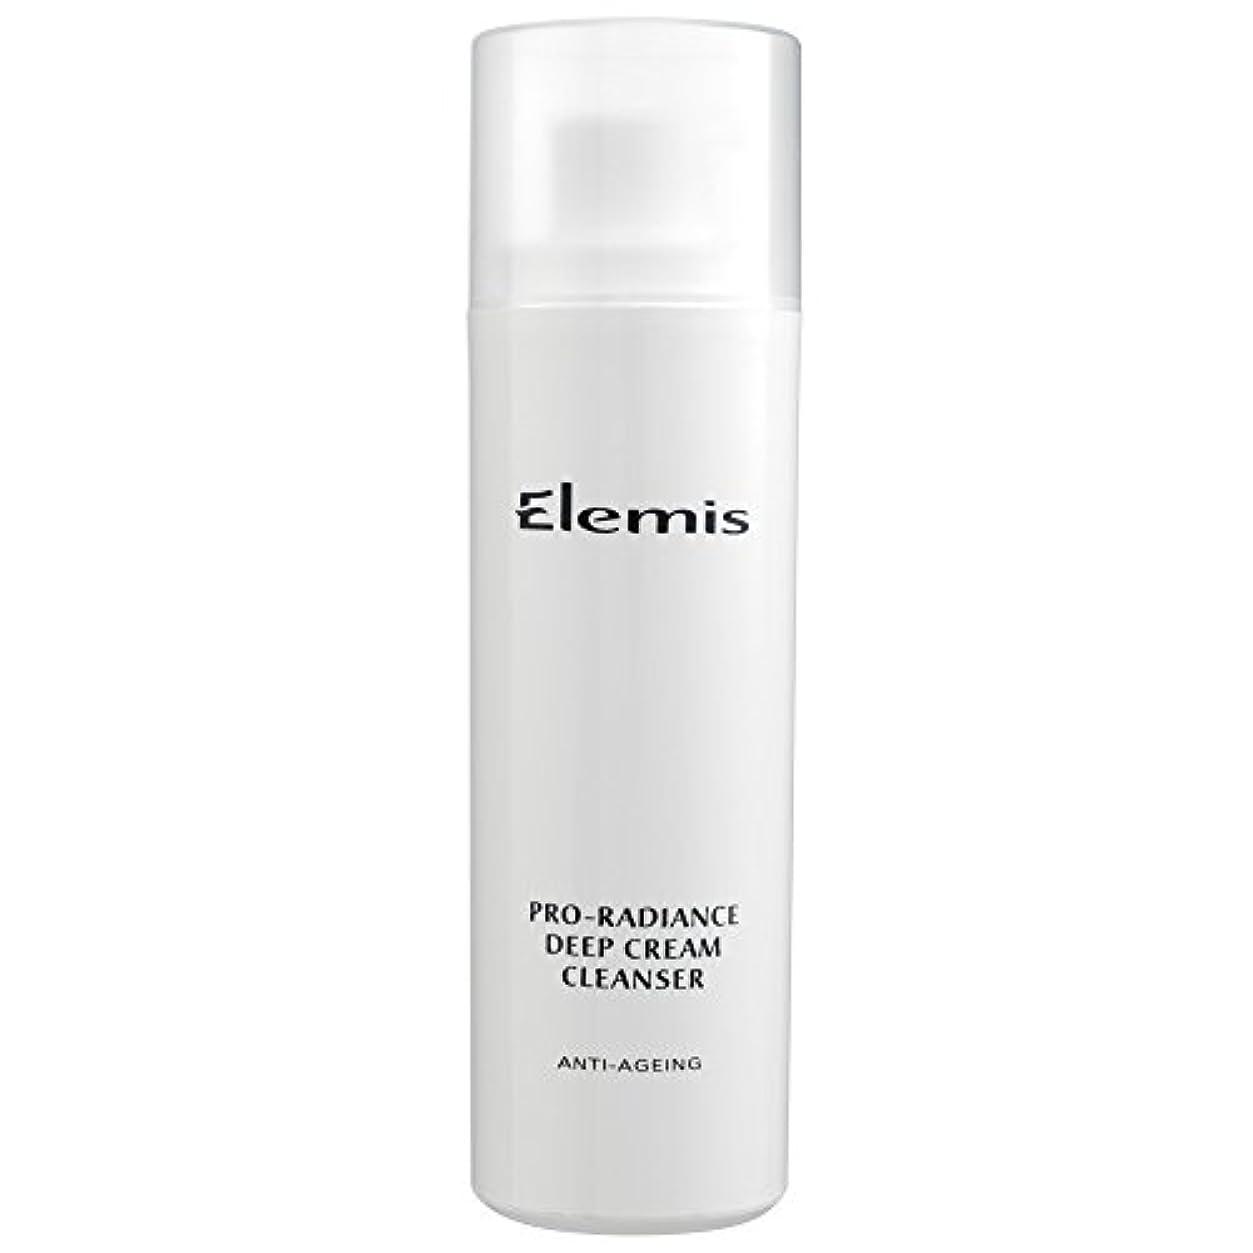 感嘆符拡声器モナリザエレミスプロ輝きクリームクレンザー、150ミリリットル (Elemis) (x2) - Elemis Pro-Radiance Cream Cleanser, 150ml (Pack of 2) [並行輸入品]